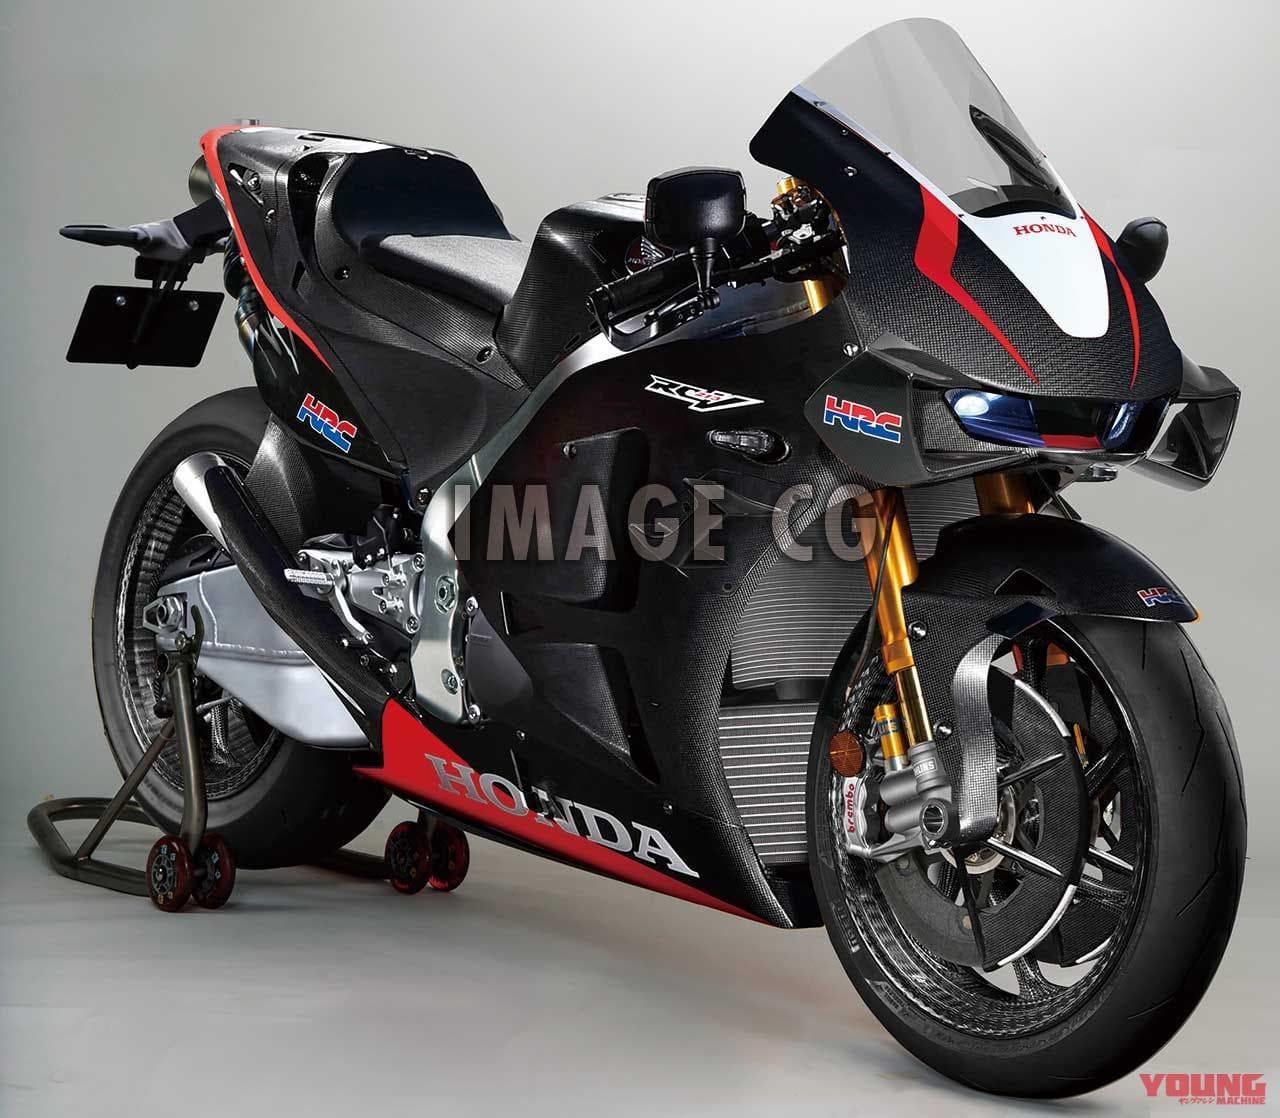 Concept and Review Honda V4 2021